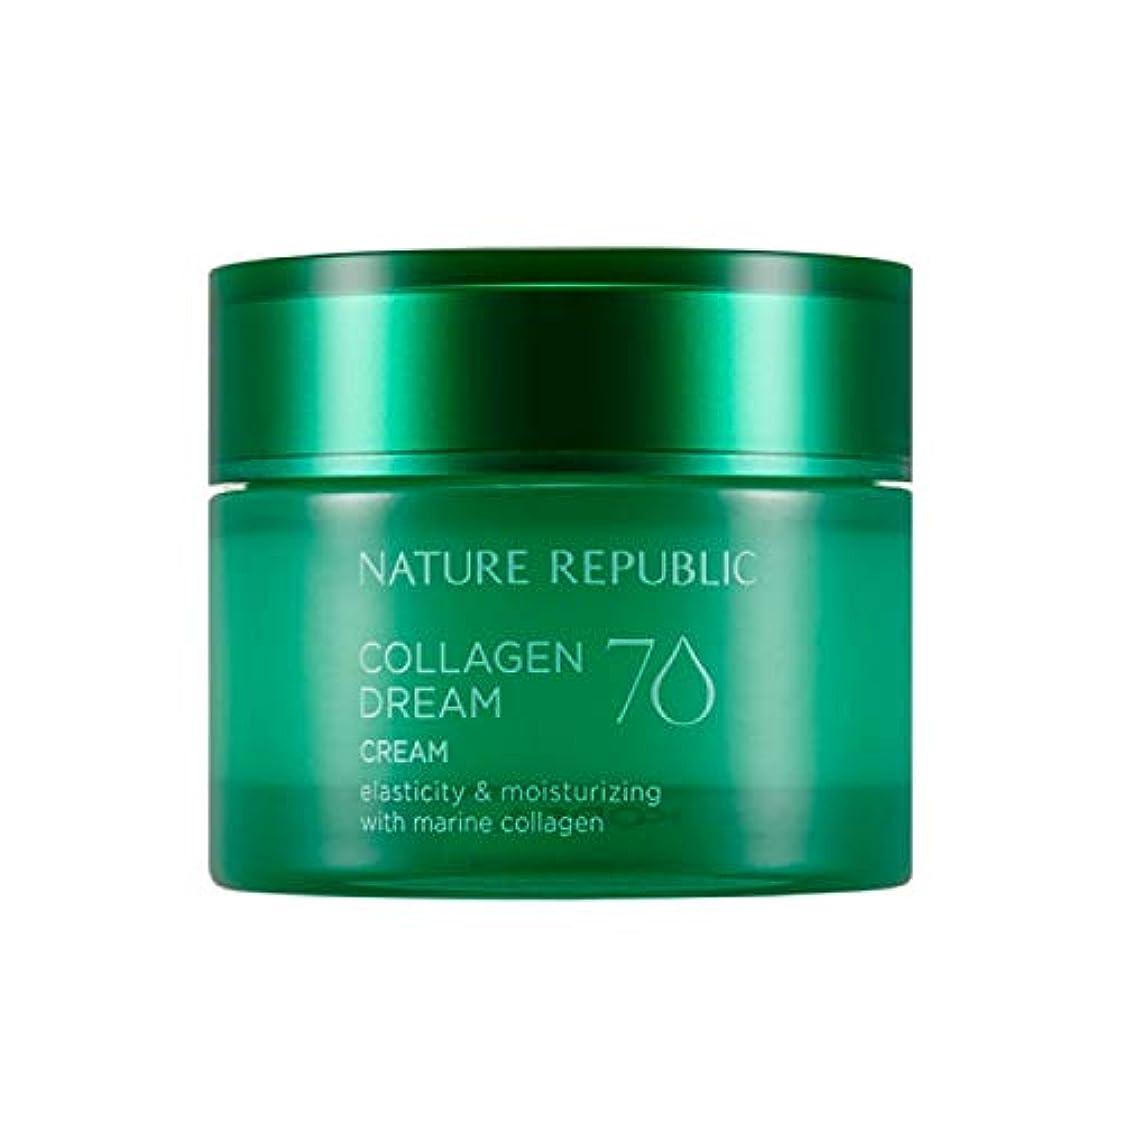 深さ独立して幻想的ネイチャーリパブリック(Nature Republic)コラーゲンドリーム70クリーム 50ml / Collagen Dream 70 Cream 50ml :: 韓国コスメ [並行輸入品]